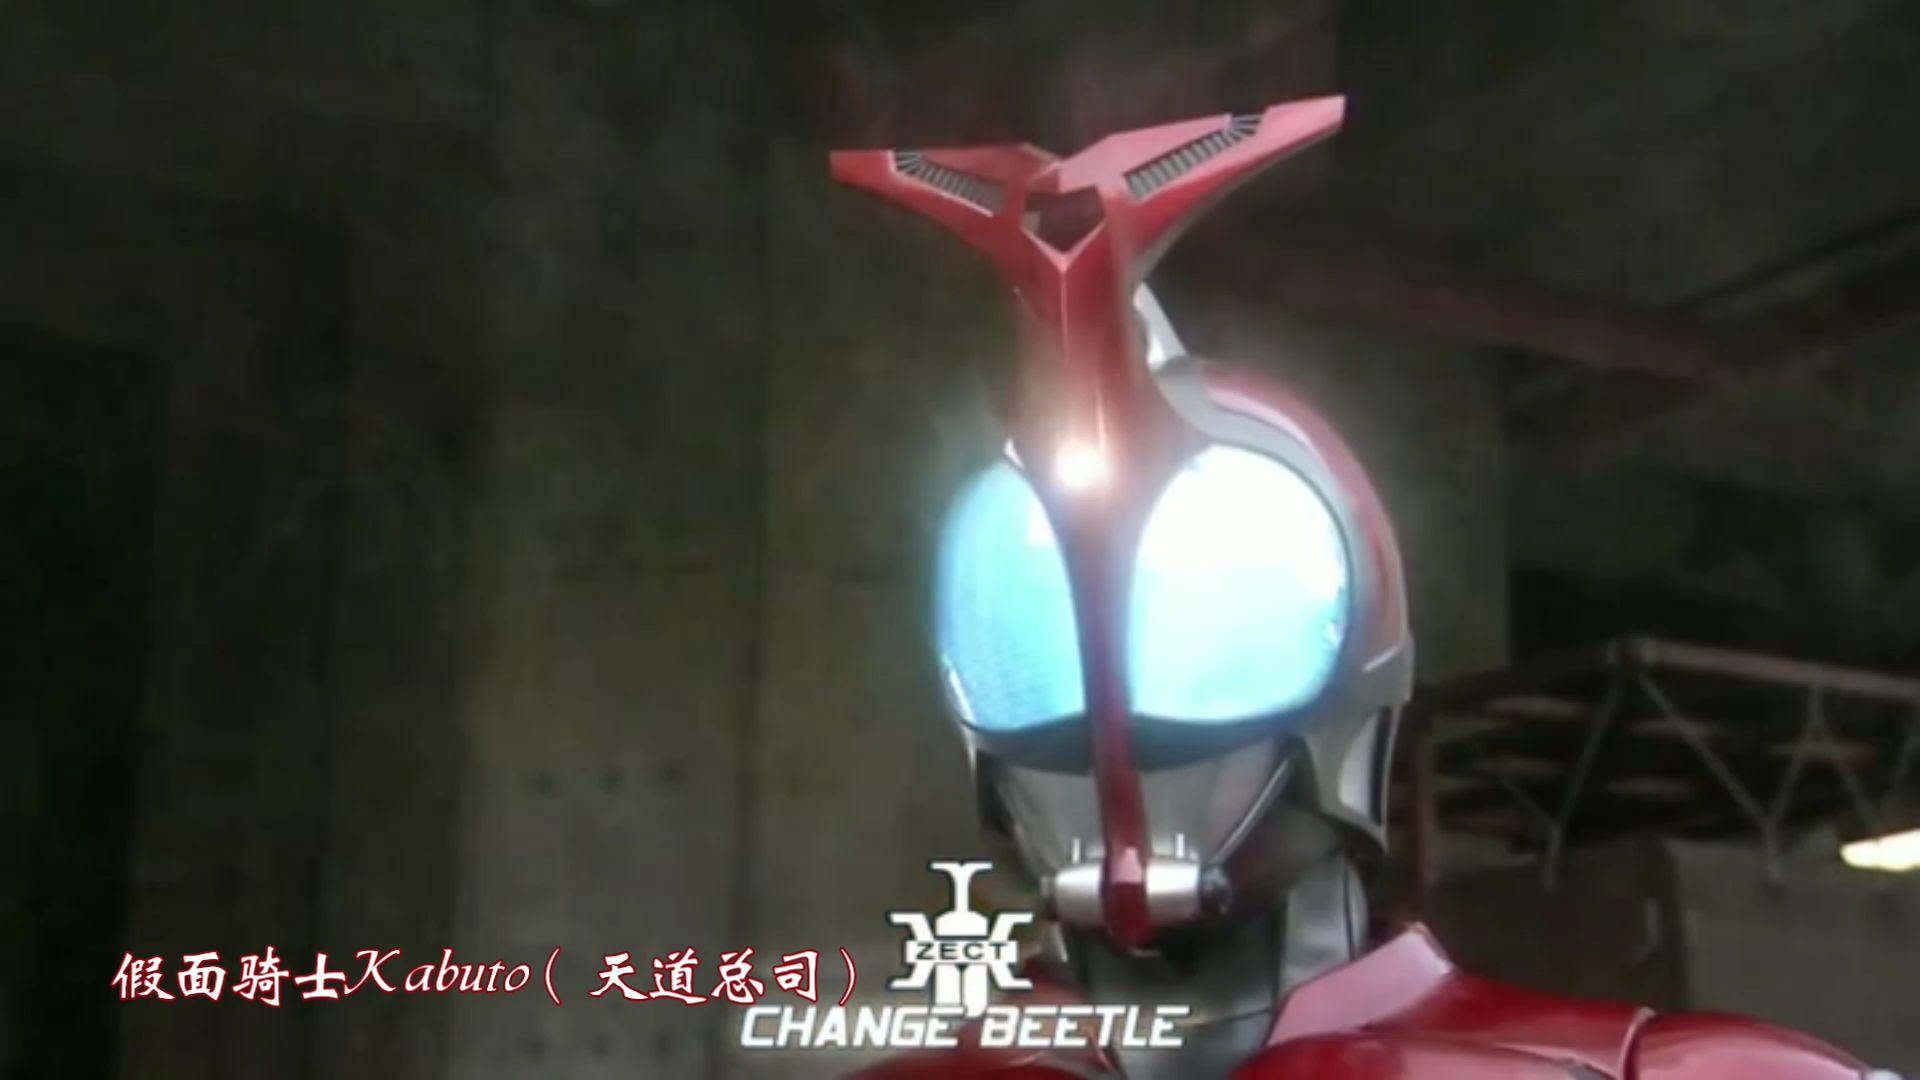 假面骑士响鬼,假面骑士kabuto全骑士变身合集